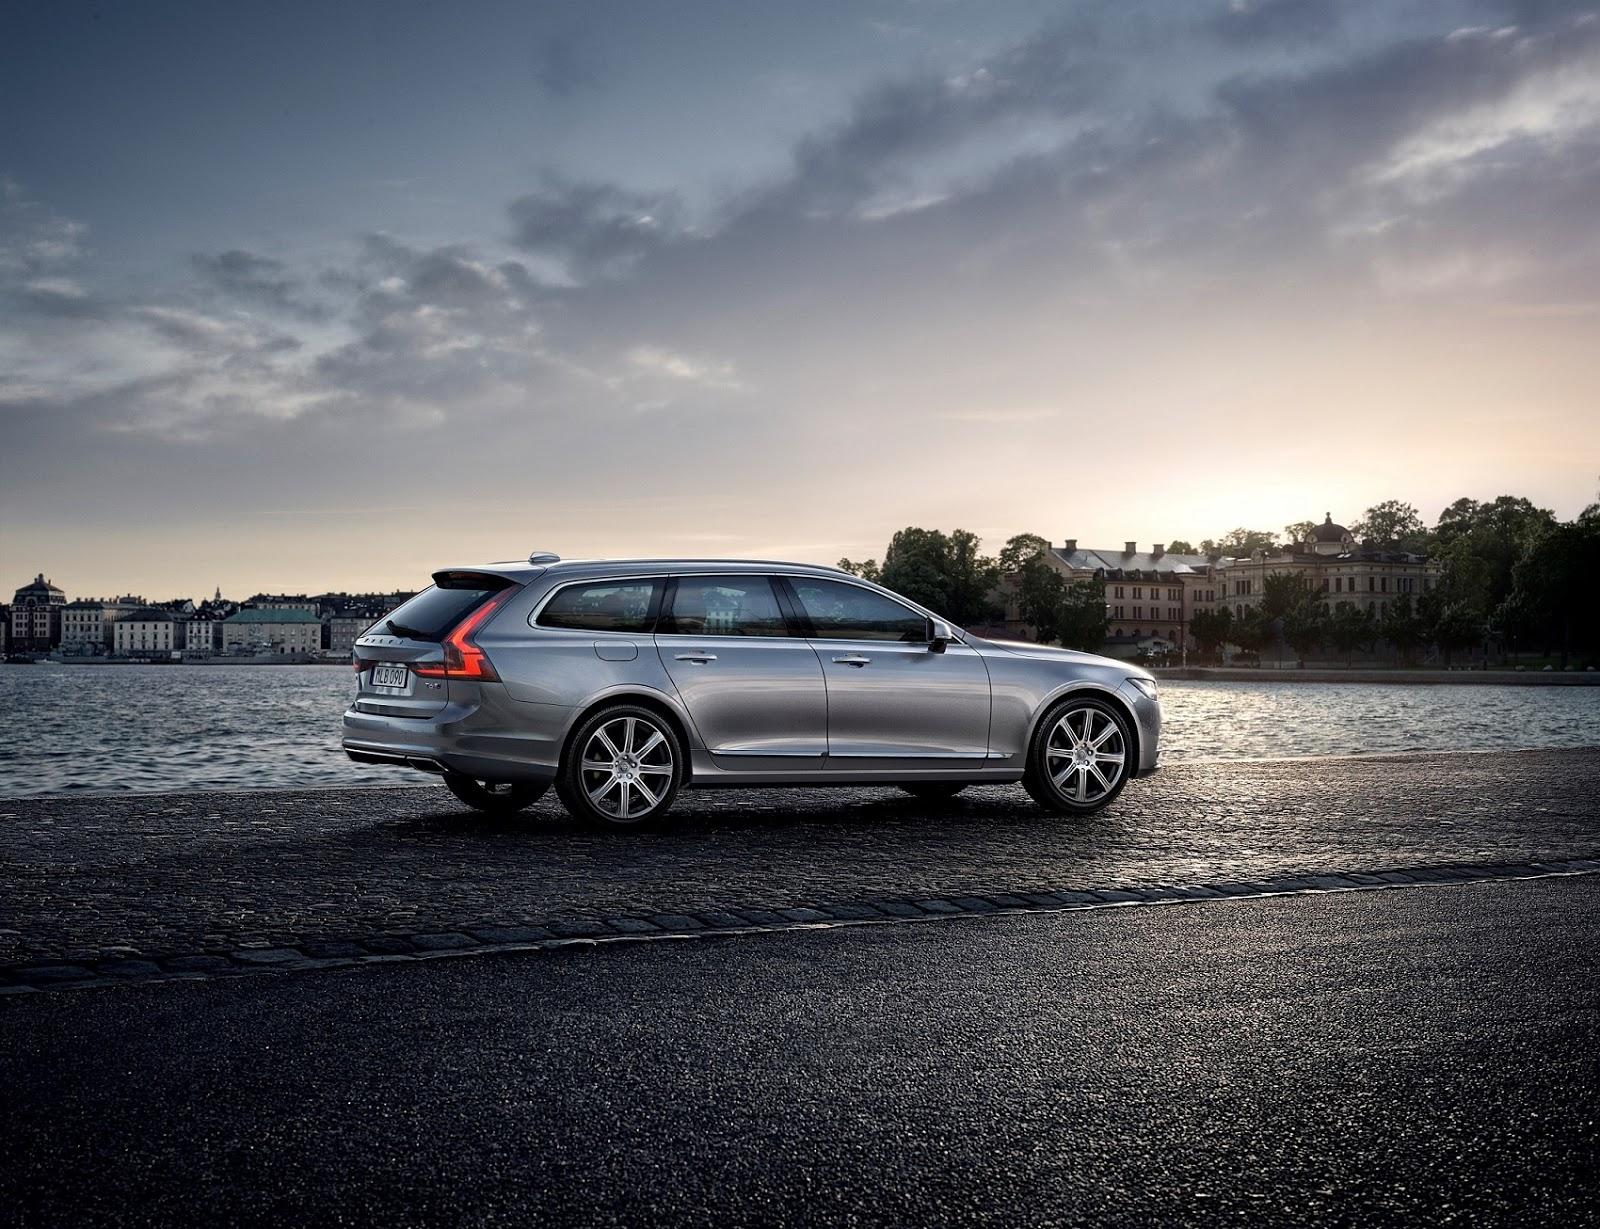 NEO%2BVOLVO%2BV90 8 Το V90 είναι το πιο όμορφο, το πιο ασφαλές station wagon και το πιο... Volvo Station Wagon, Volvo, Volvo V90